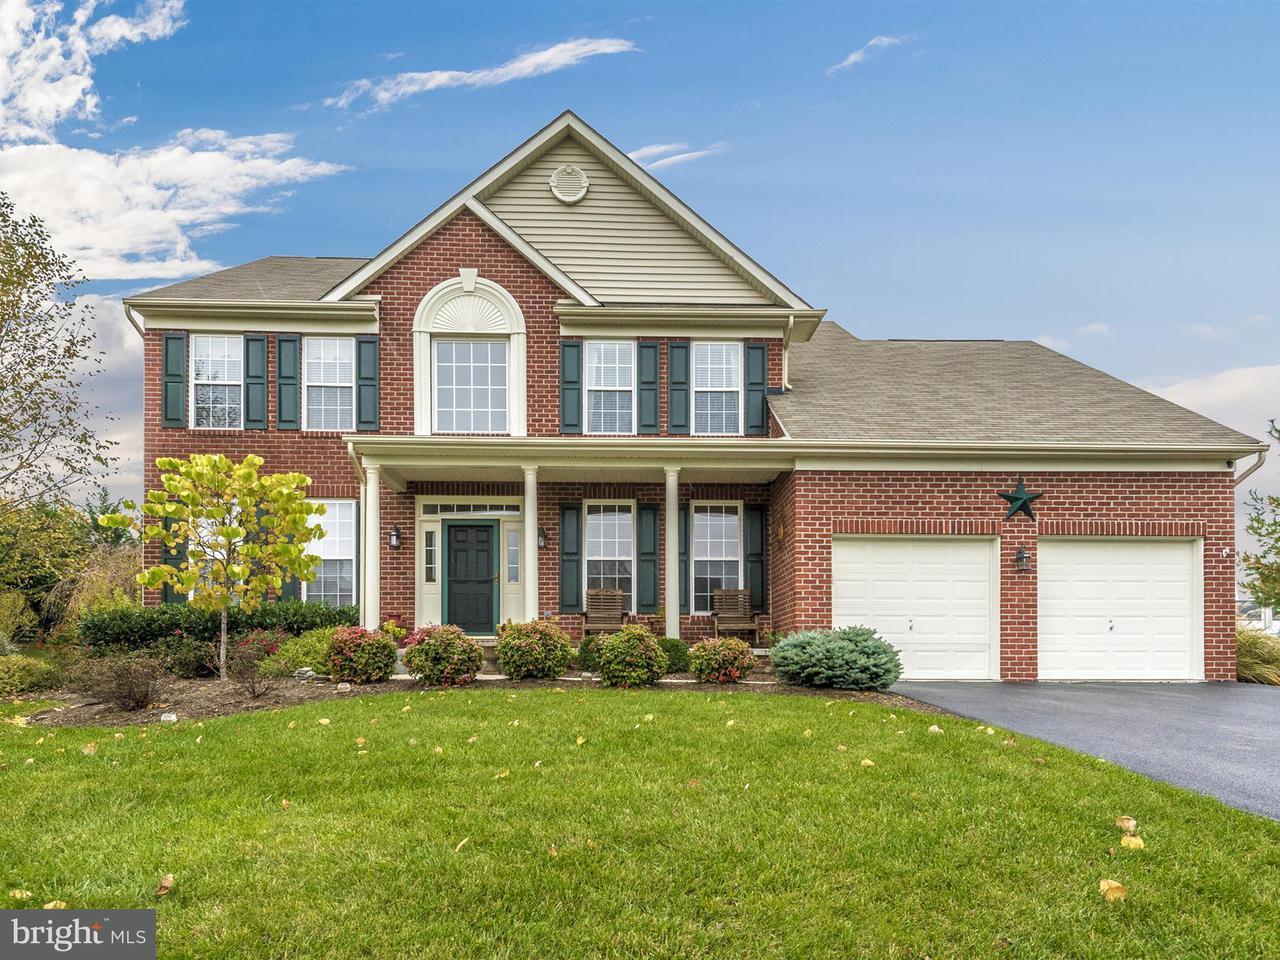 独户住宅 为 销售 在 3329 BROCKTON Drive 3329 BROCKTON Drive Jefferson, 马里兰州 21755 美国